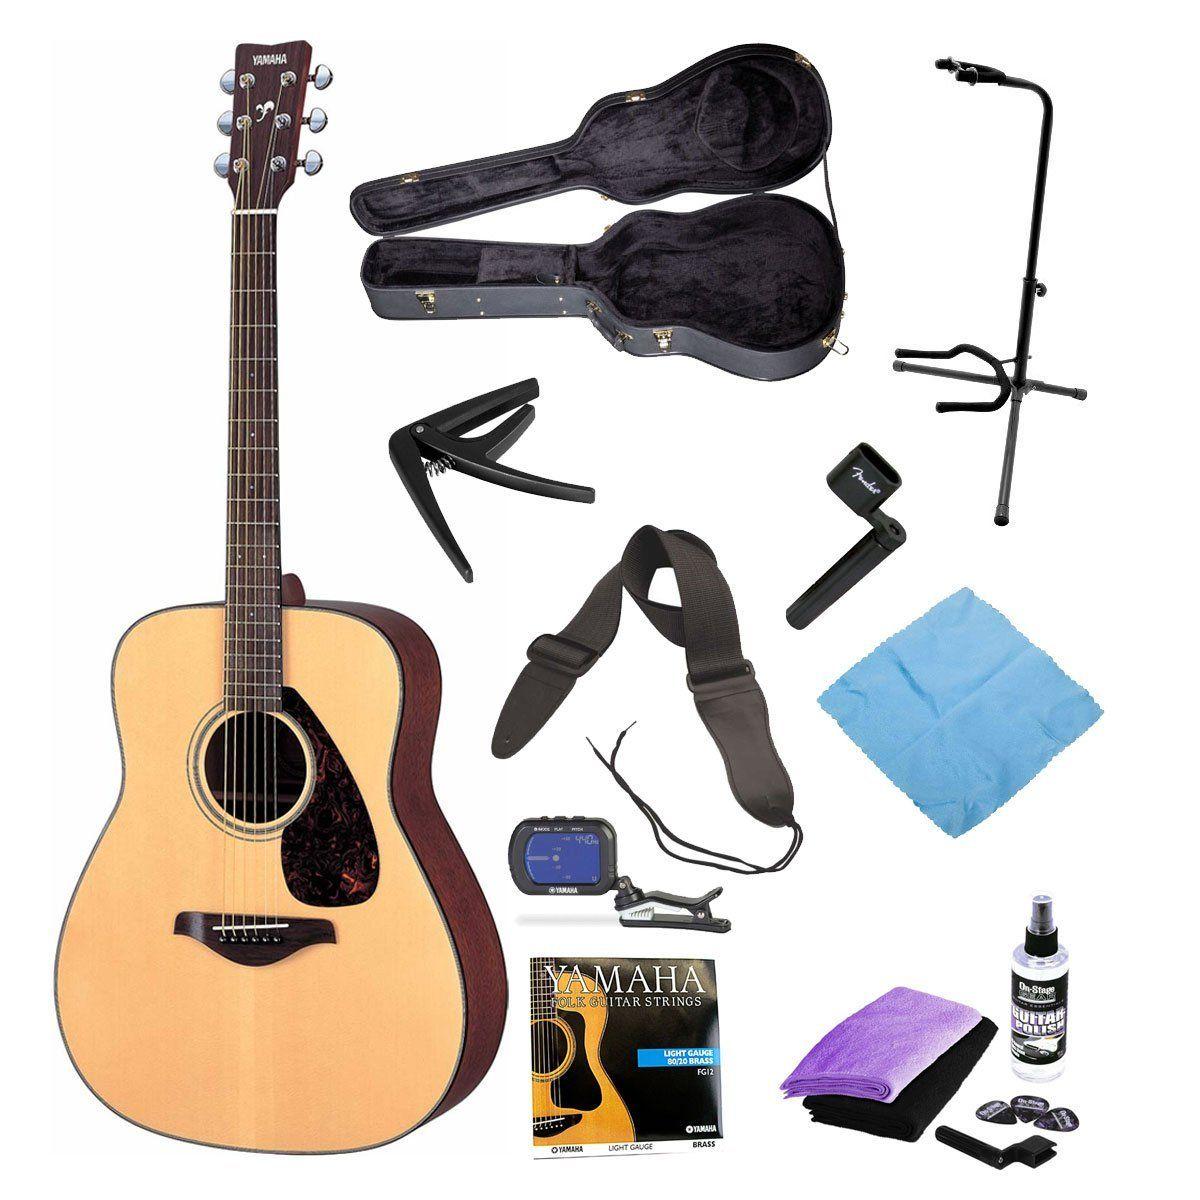 Yamaha Guitars Yamaha Fg700s Entry Level Acoustic Guitar With Yamaha Hardshell Vinyl Guitar Case Onstage Yamaha Guitar Yamaha Acoustic Guitar Guitar Tuners